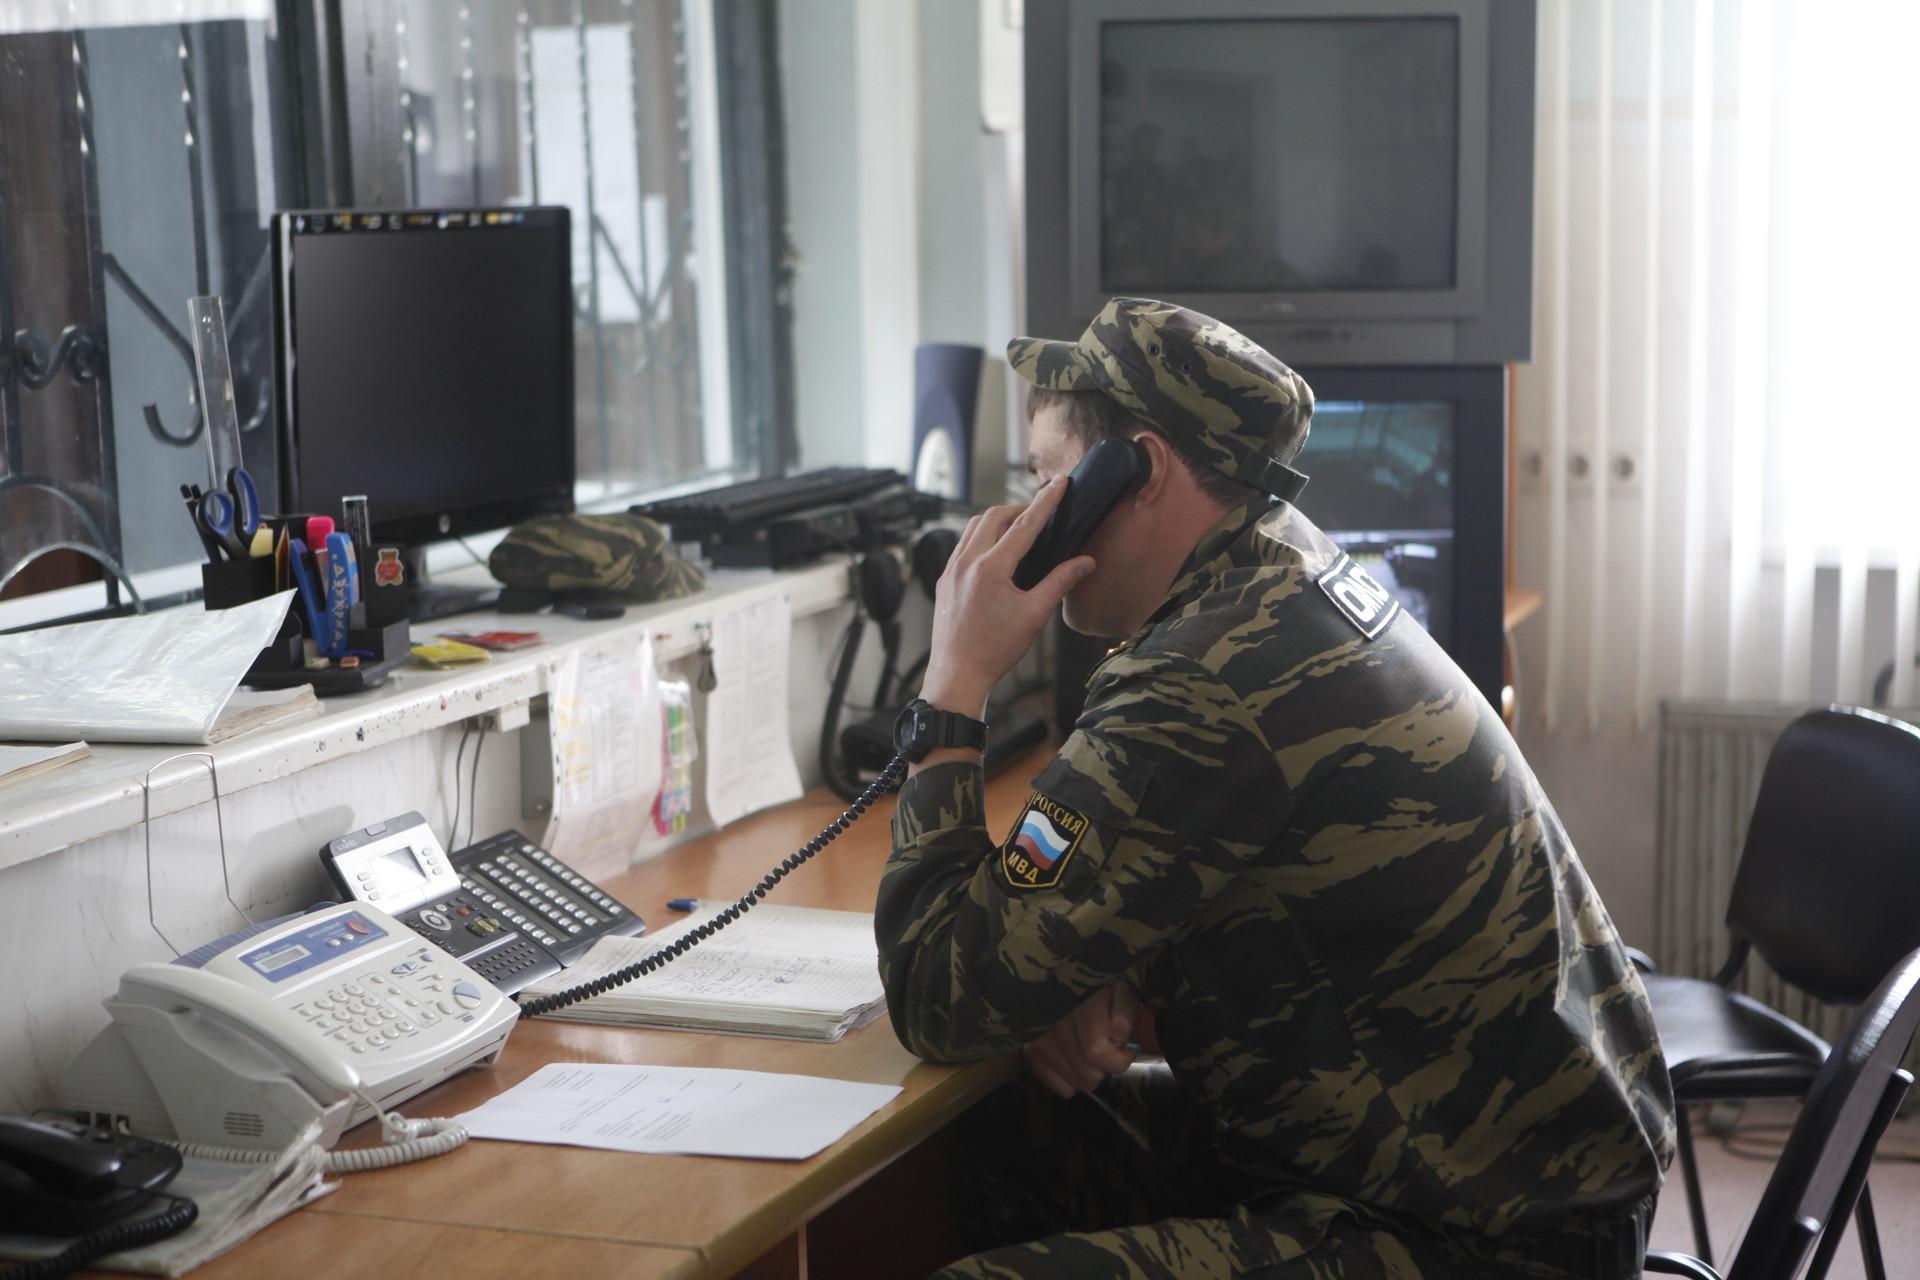 В подразделениях Госавтоинспекции временно приостановлен прием людей в порядке живой очереди. Фото: Андрей Степанов.